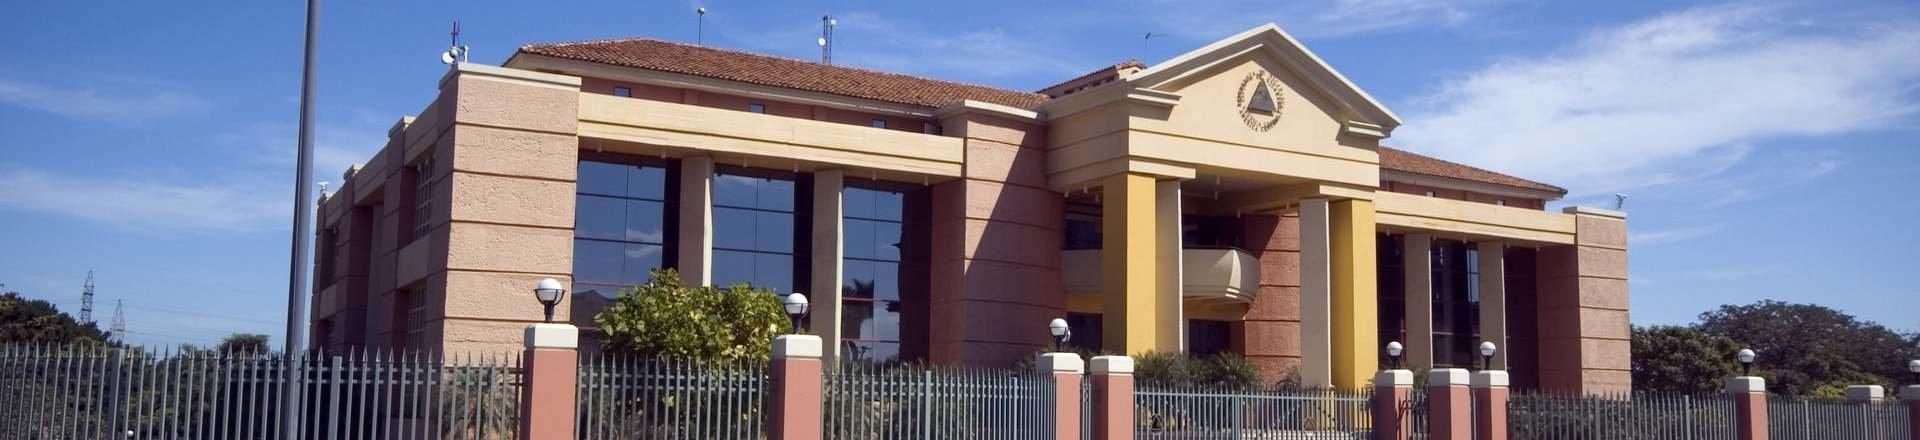 Hoteles baratos en managua desde 23 destinia for Vuelos baratos a nicaragua